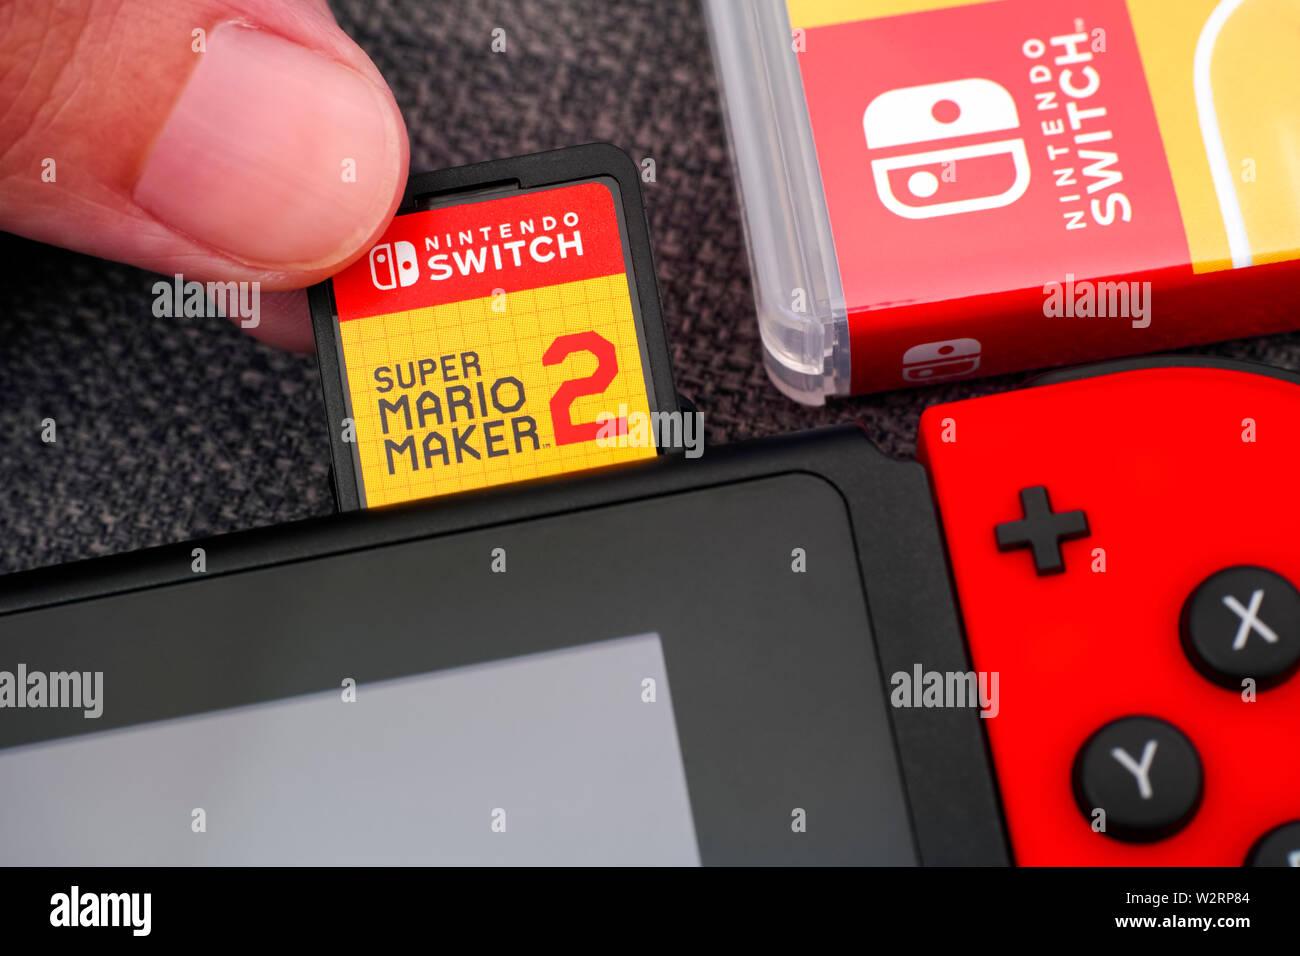 Super Mario Stock Photos & Super Mario Stock Images - Alamy